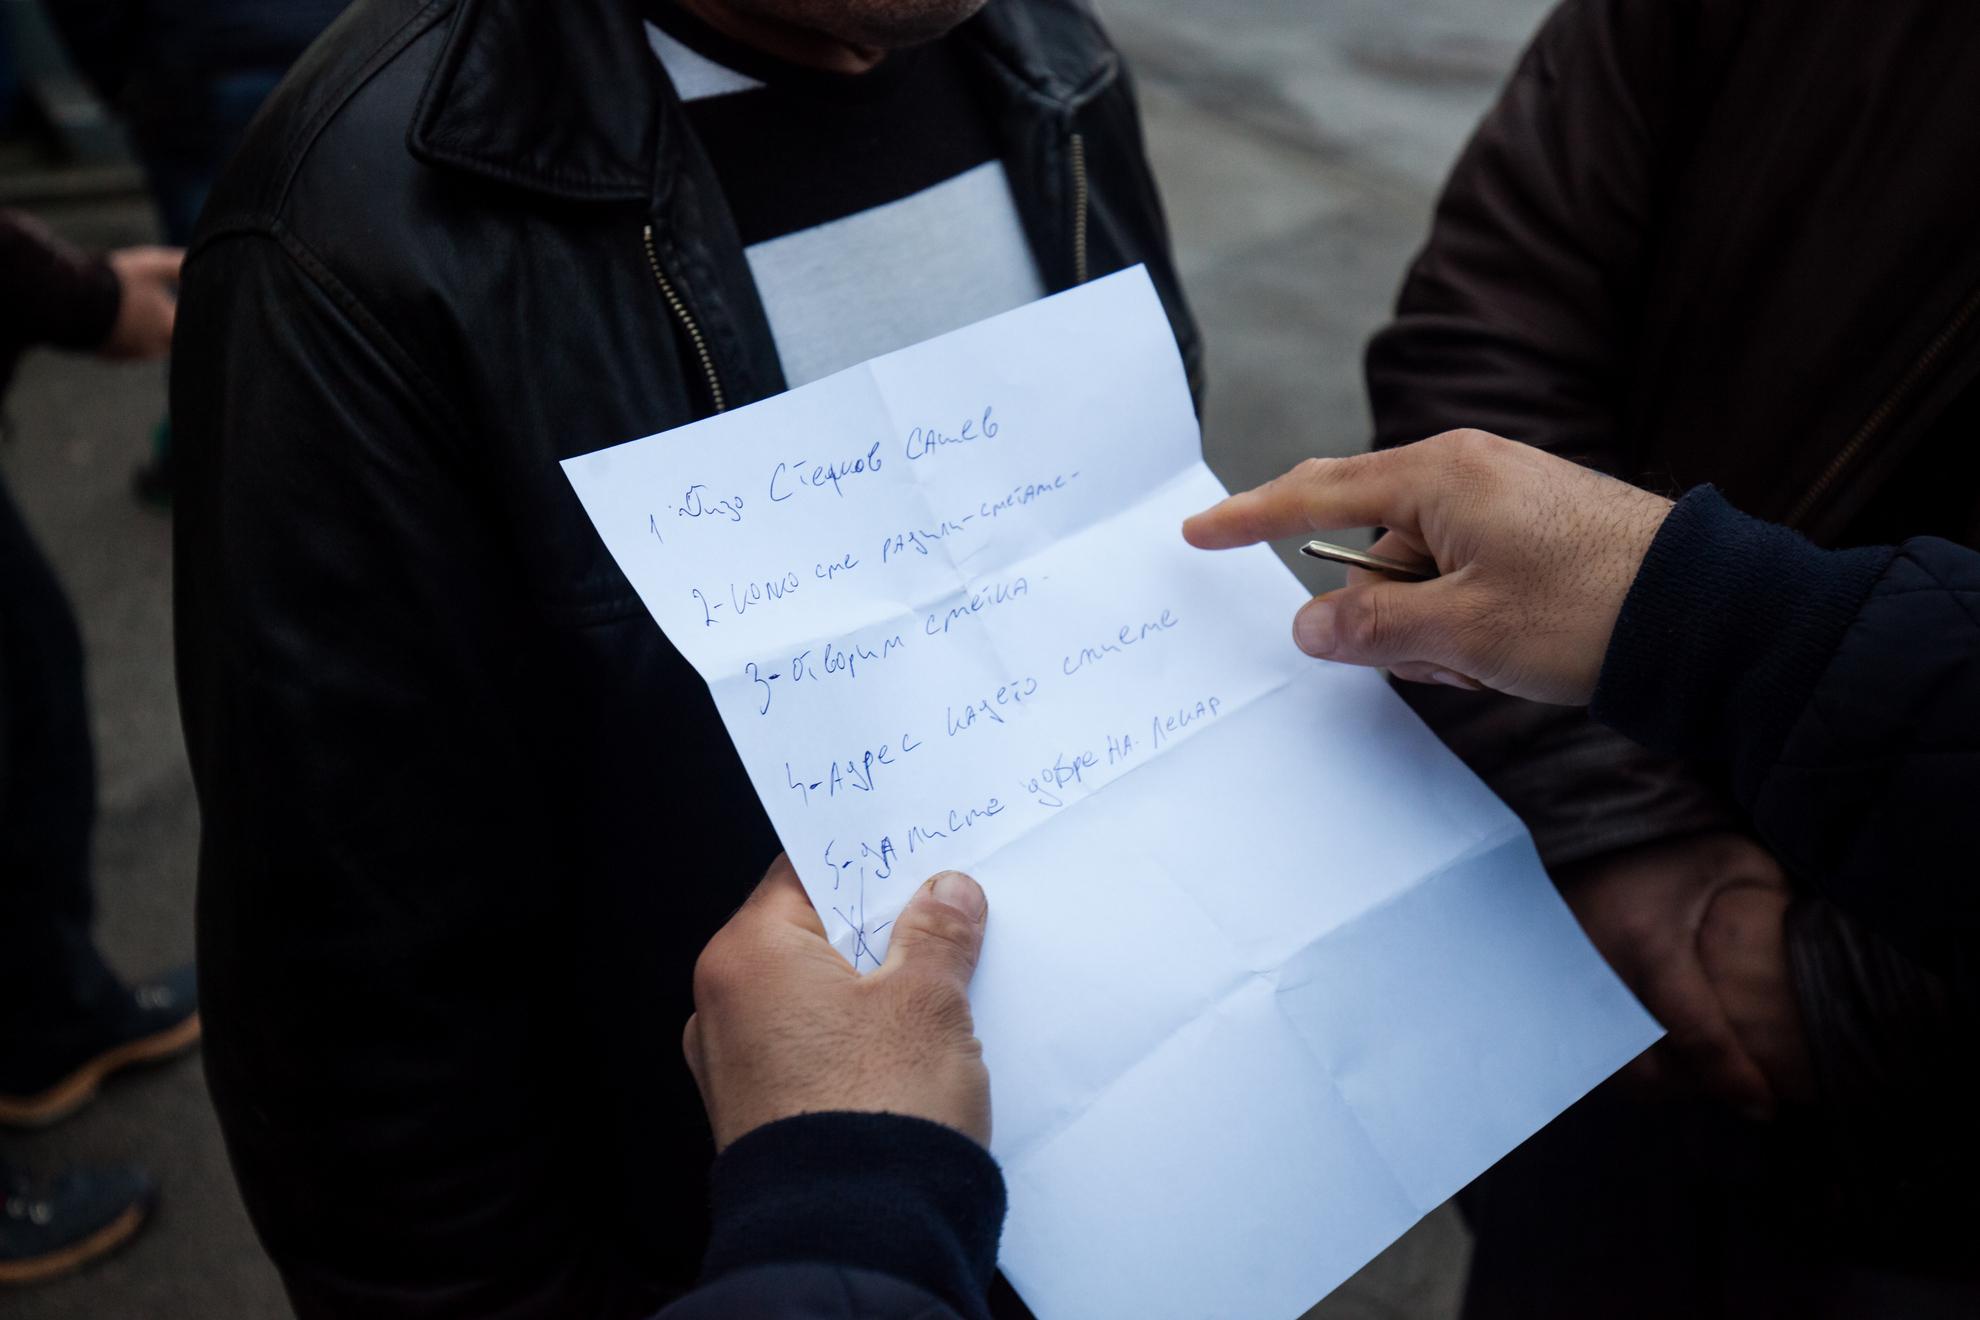 21. 03. 2016 Lož. Migrantski delavci v lesarstvu iz podružnice Marof trade naj že dva meseca ne bi dobili plače.